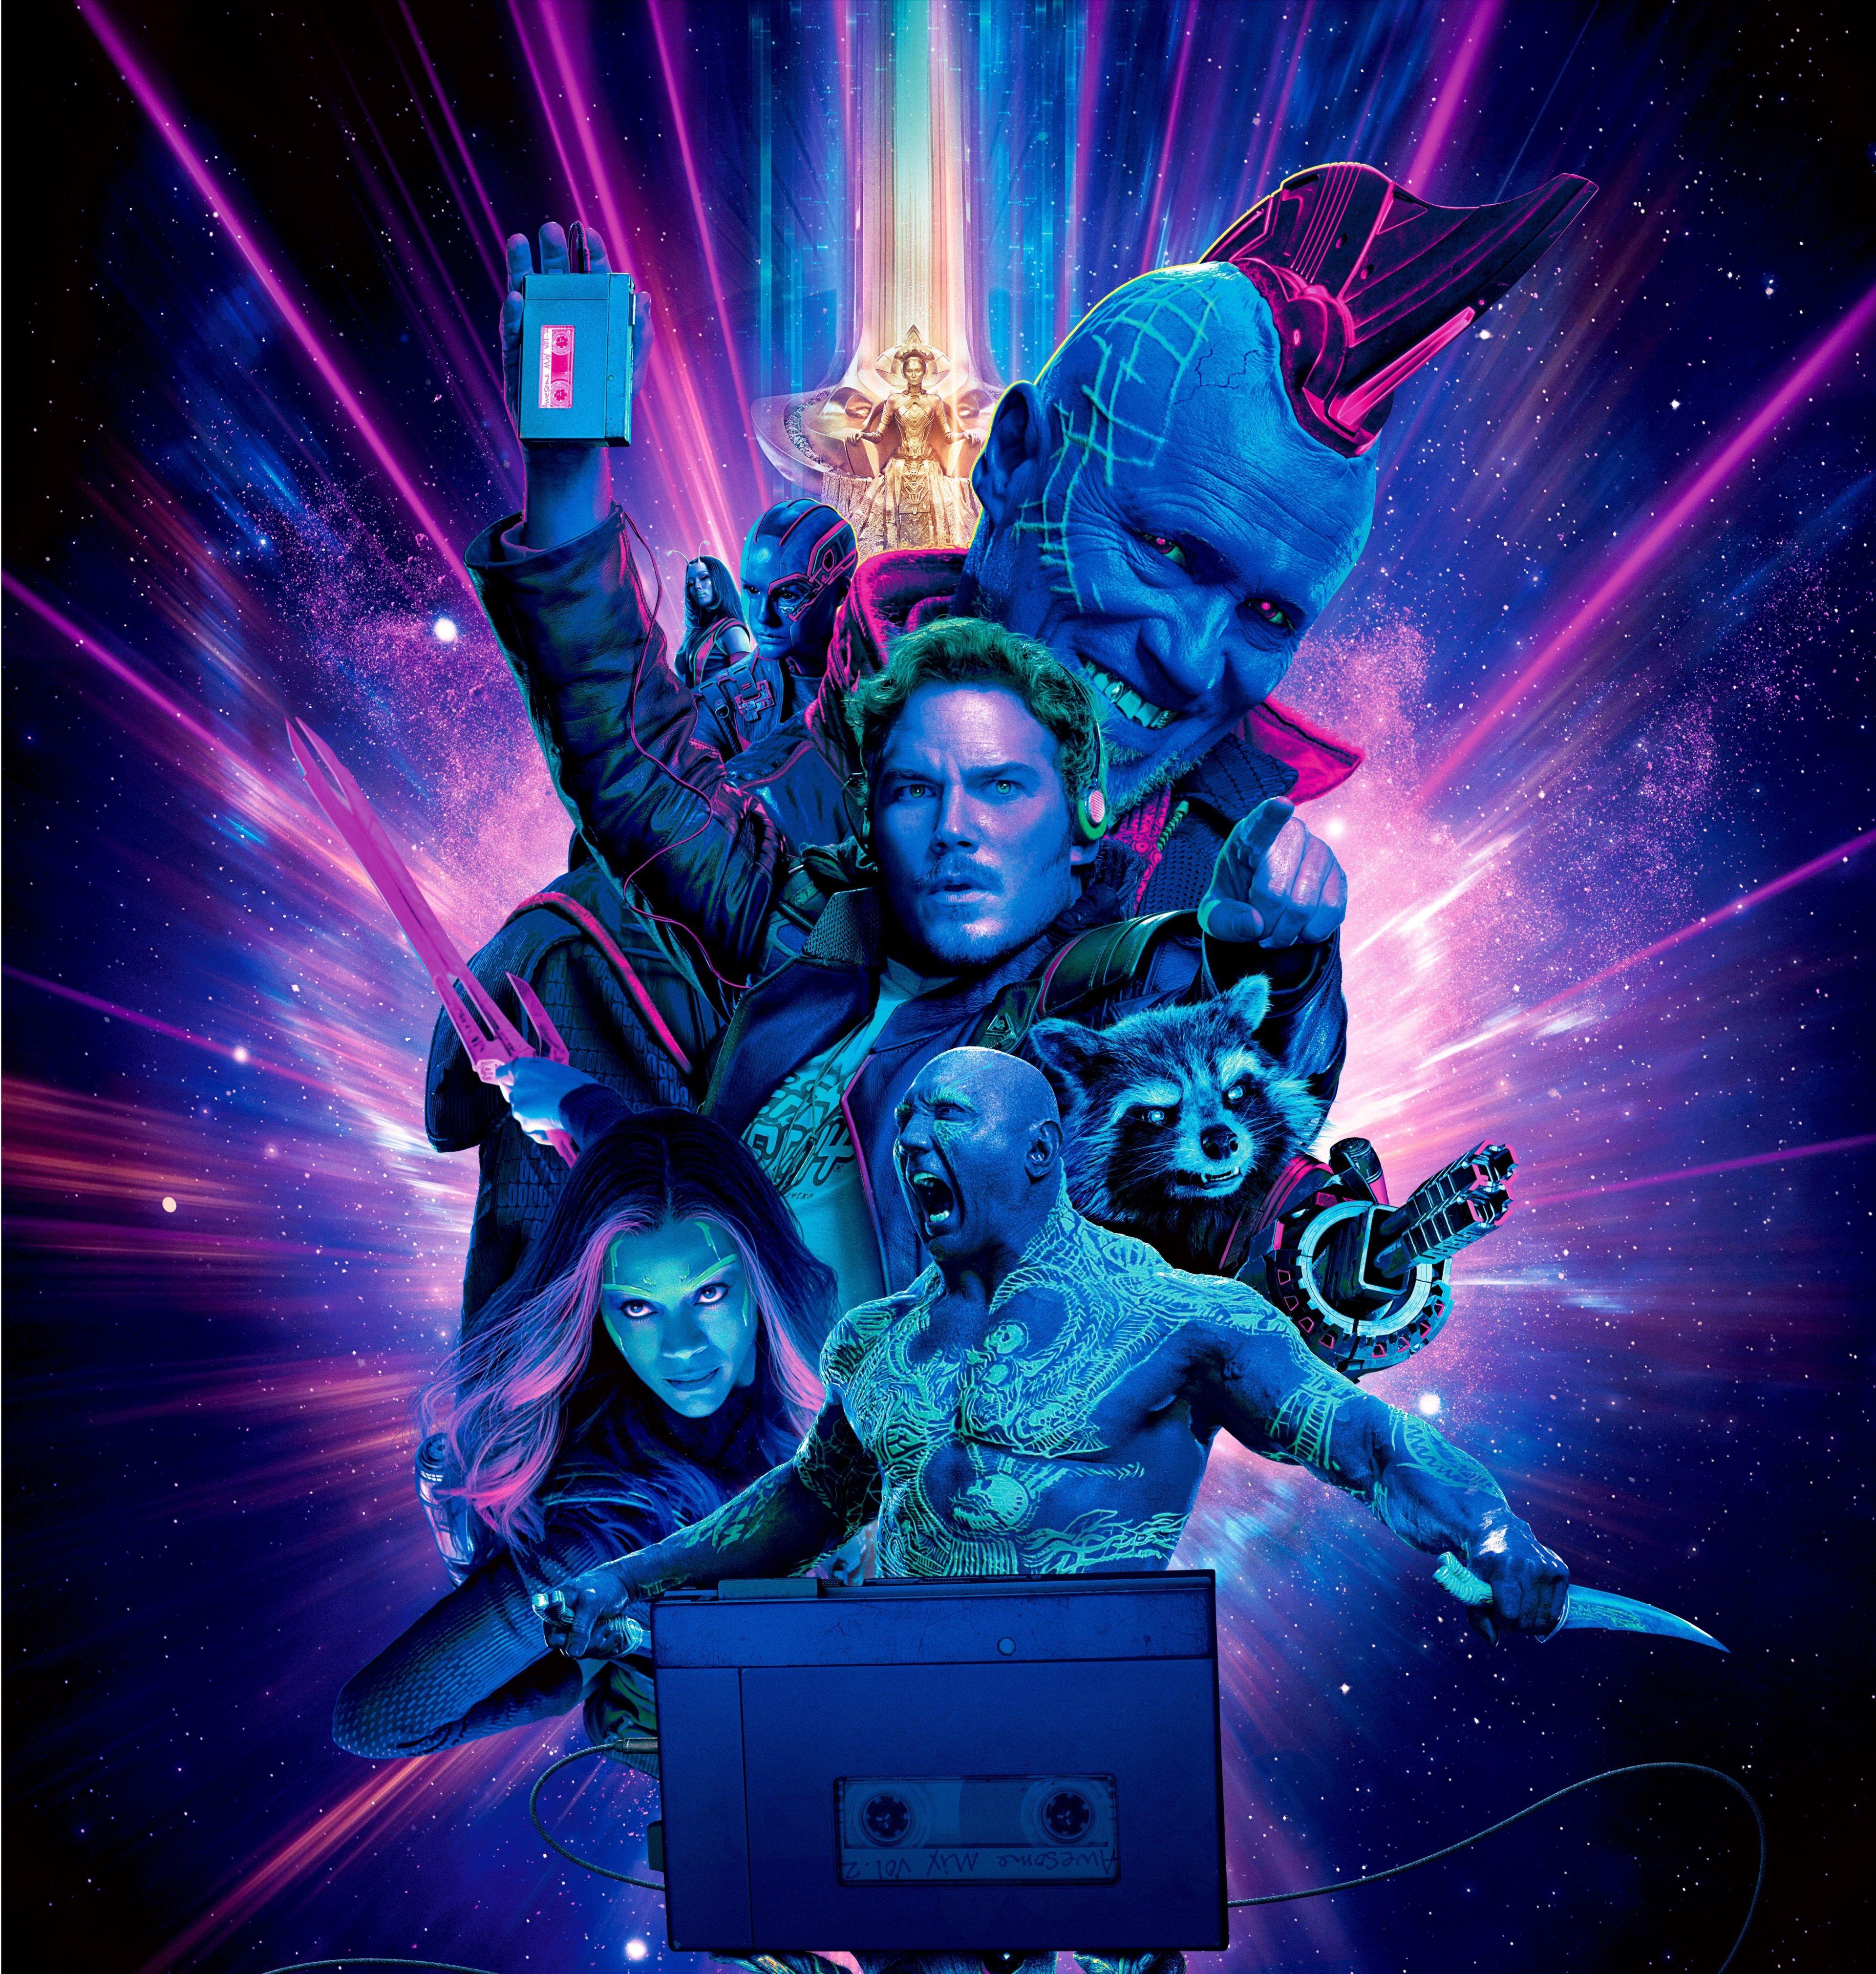 3840x4041 Guardians Of The Galaxy Vol 2 4k Latest Full Hd